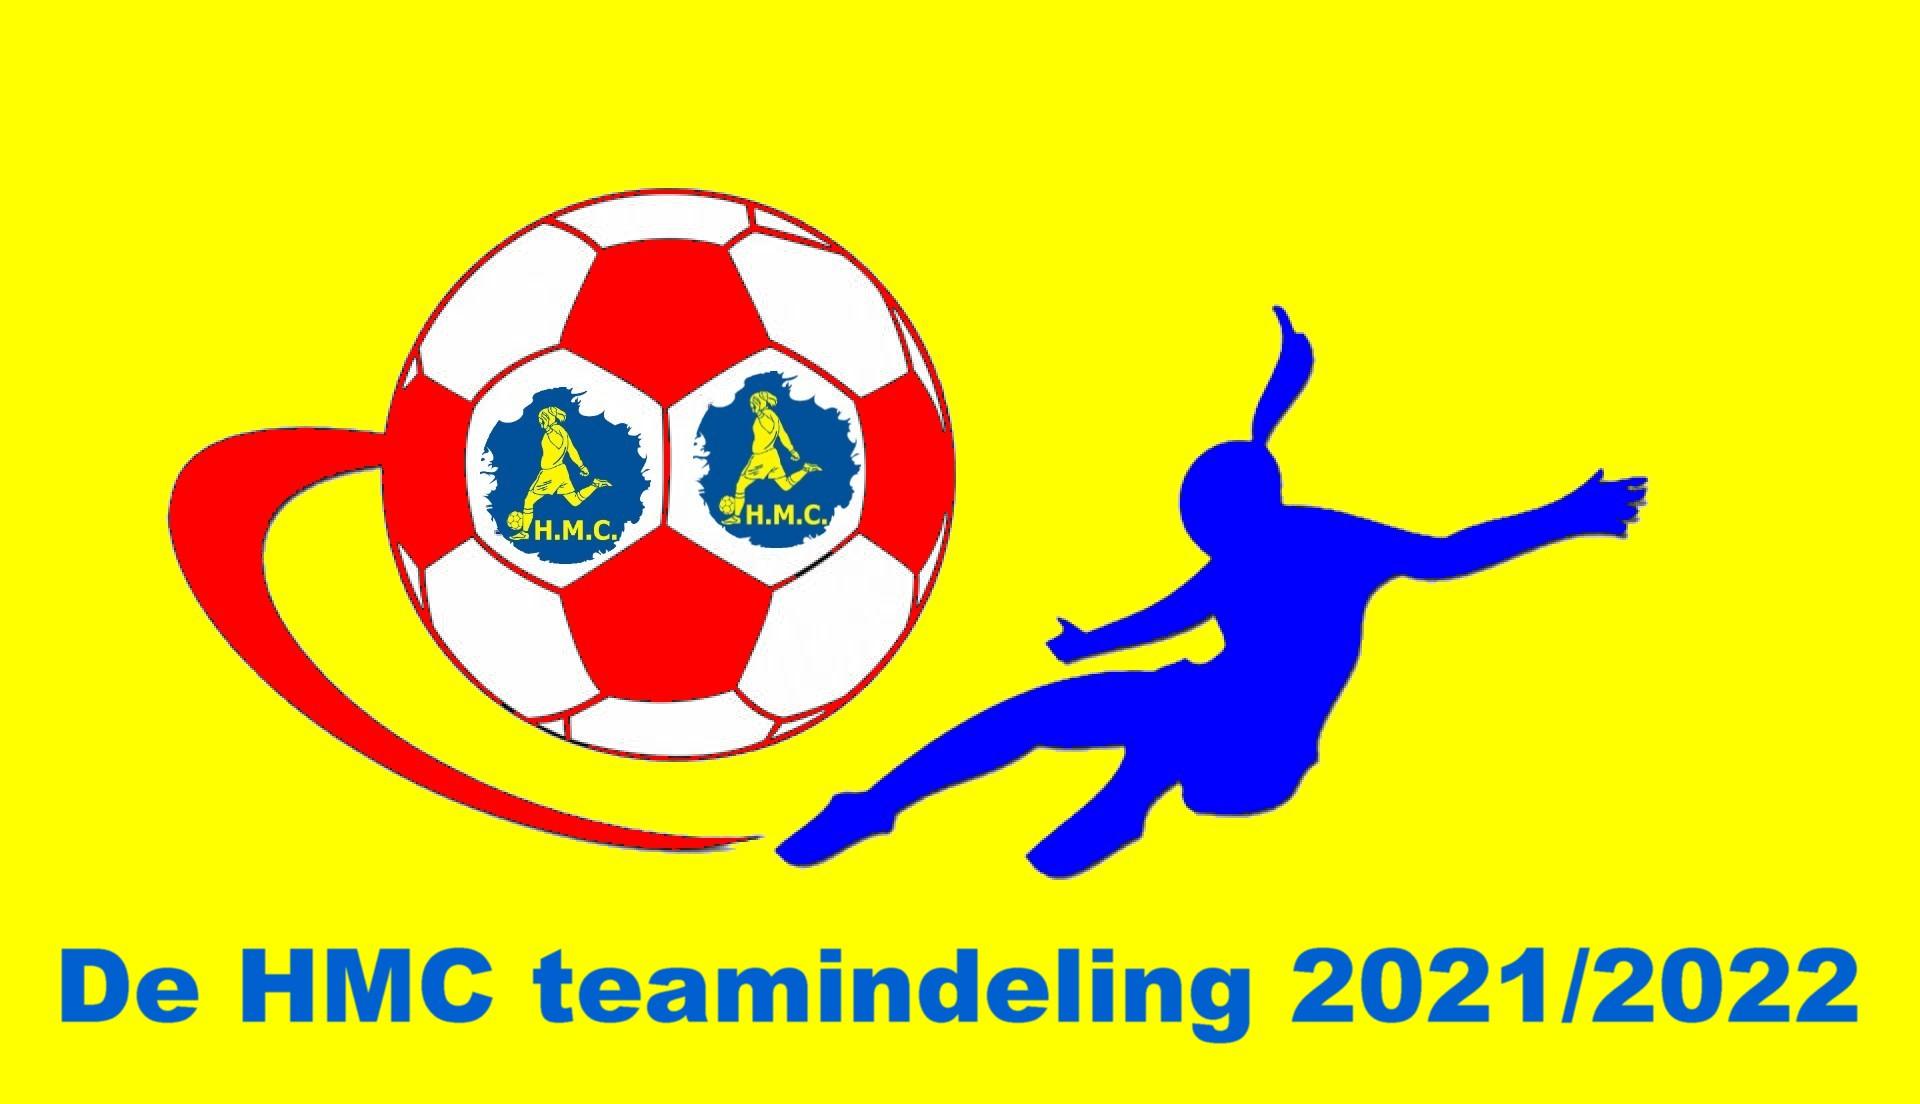 H.M.C. teamindeling 2021/2022